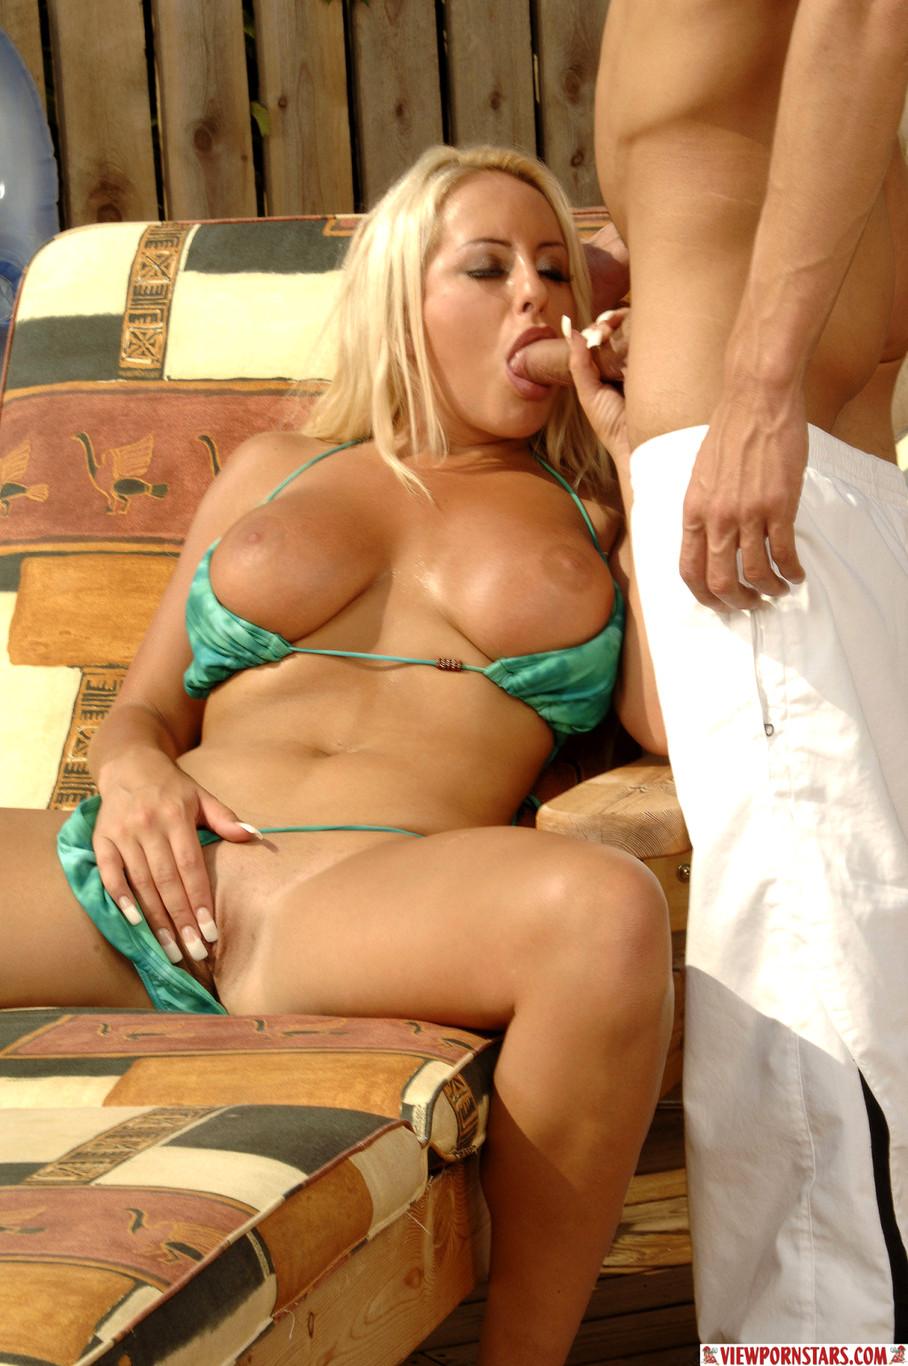 View Pornstars Natalie Heck Savannah Gold Daily Busty -5412